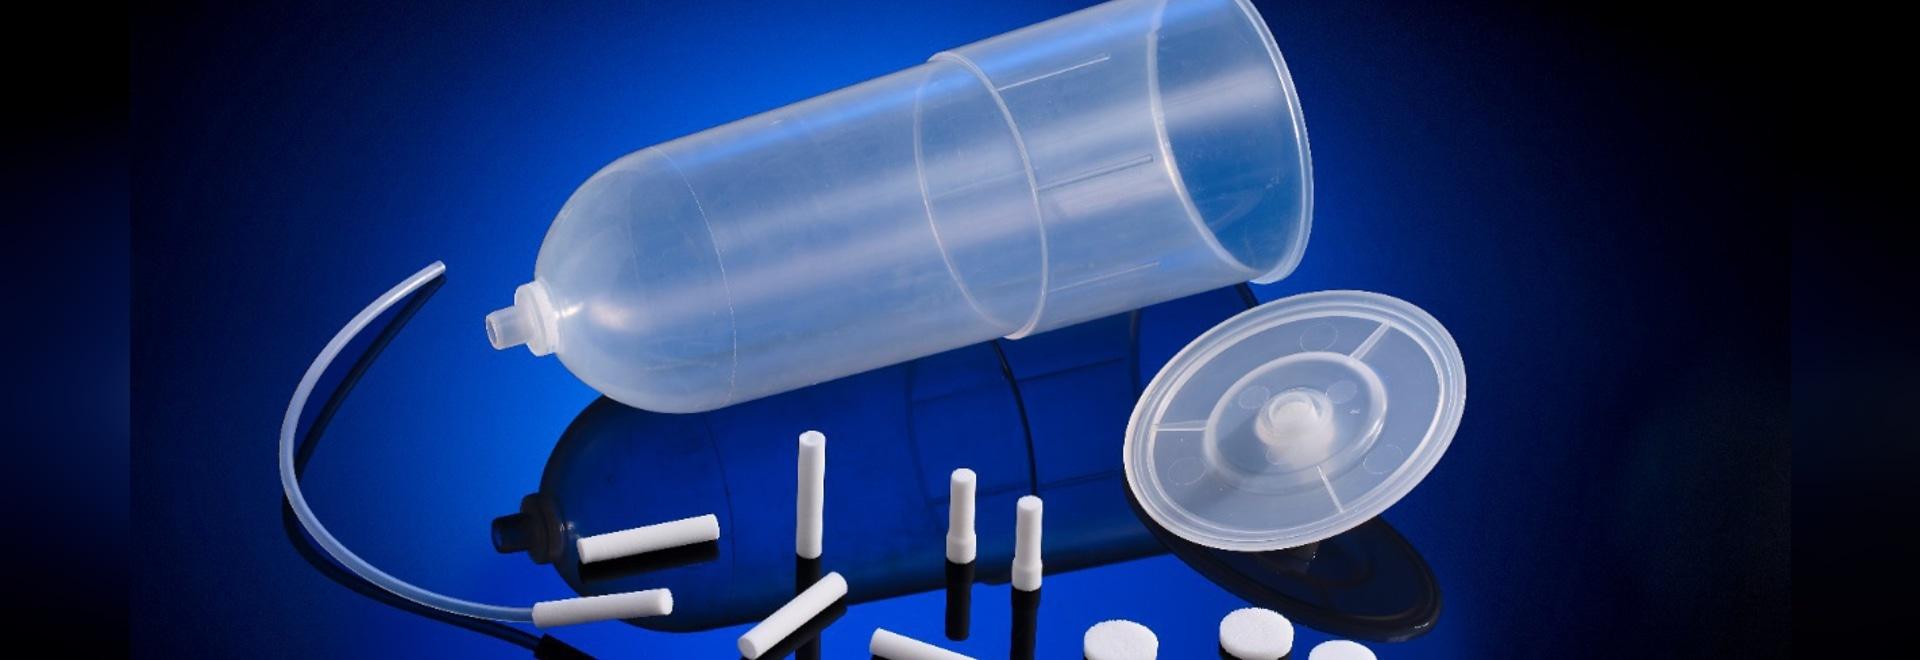 Plastique poreux de nouvelle génération pour les applications de soins de santé